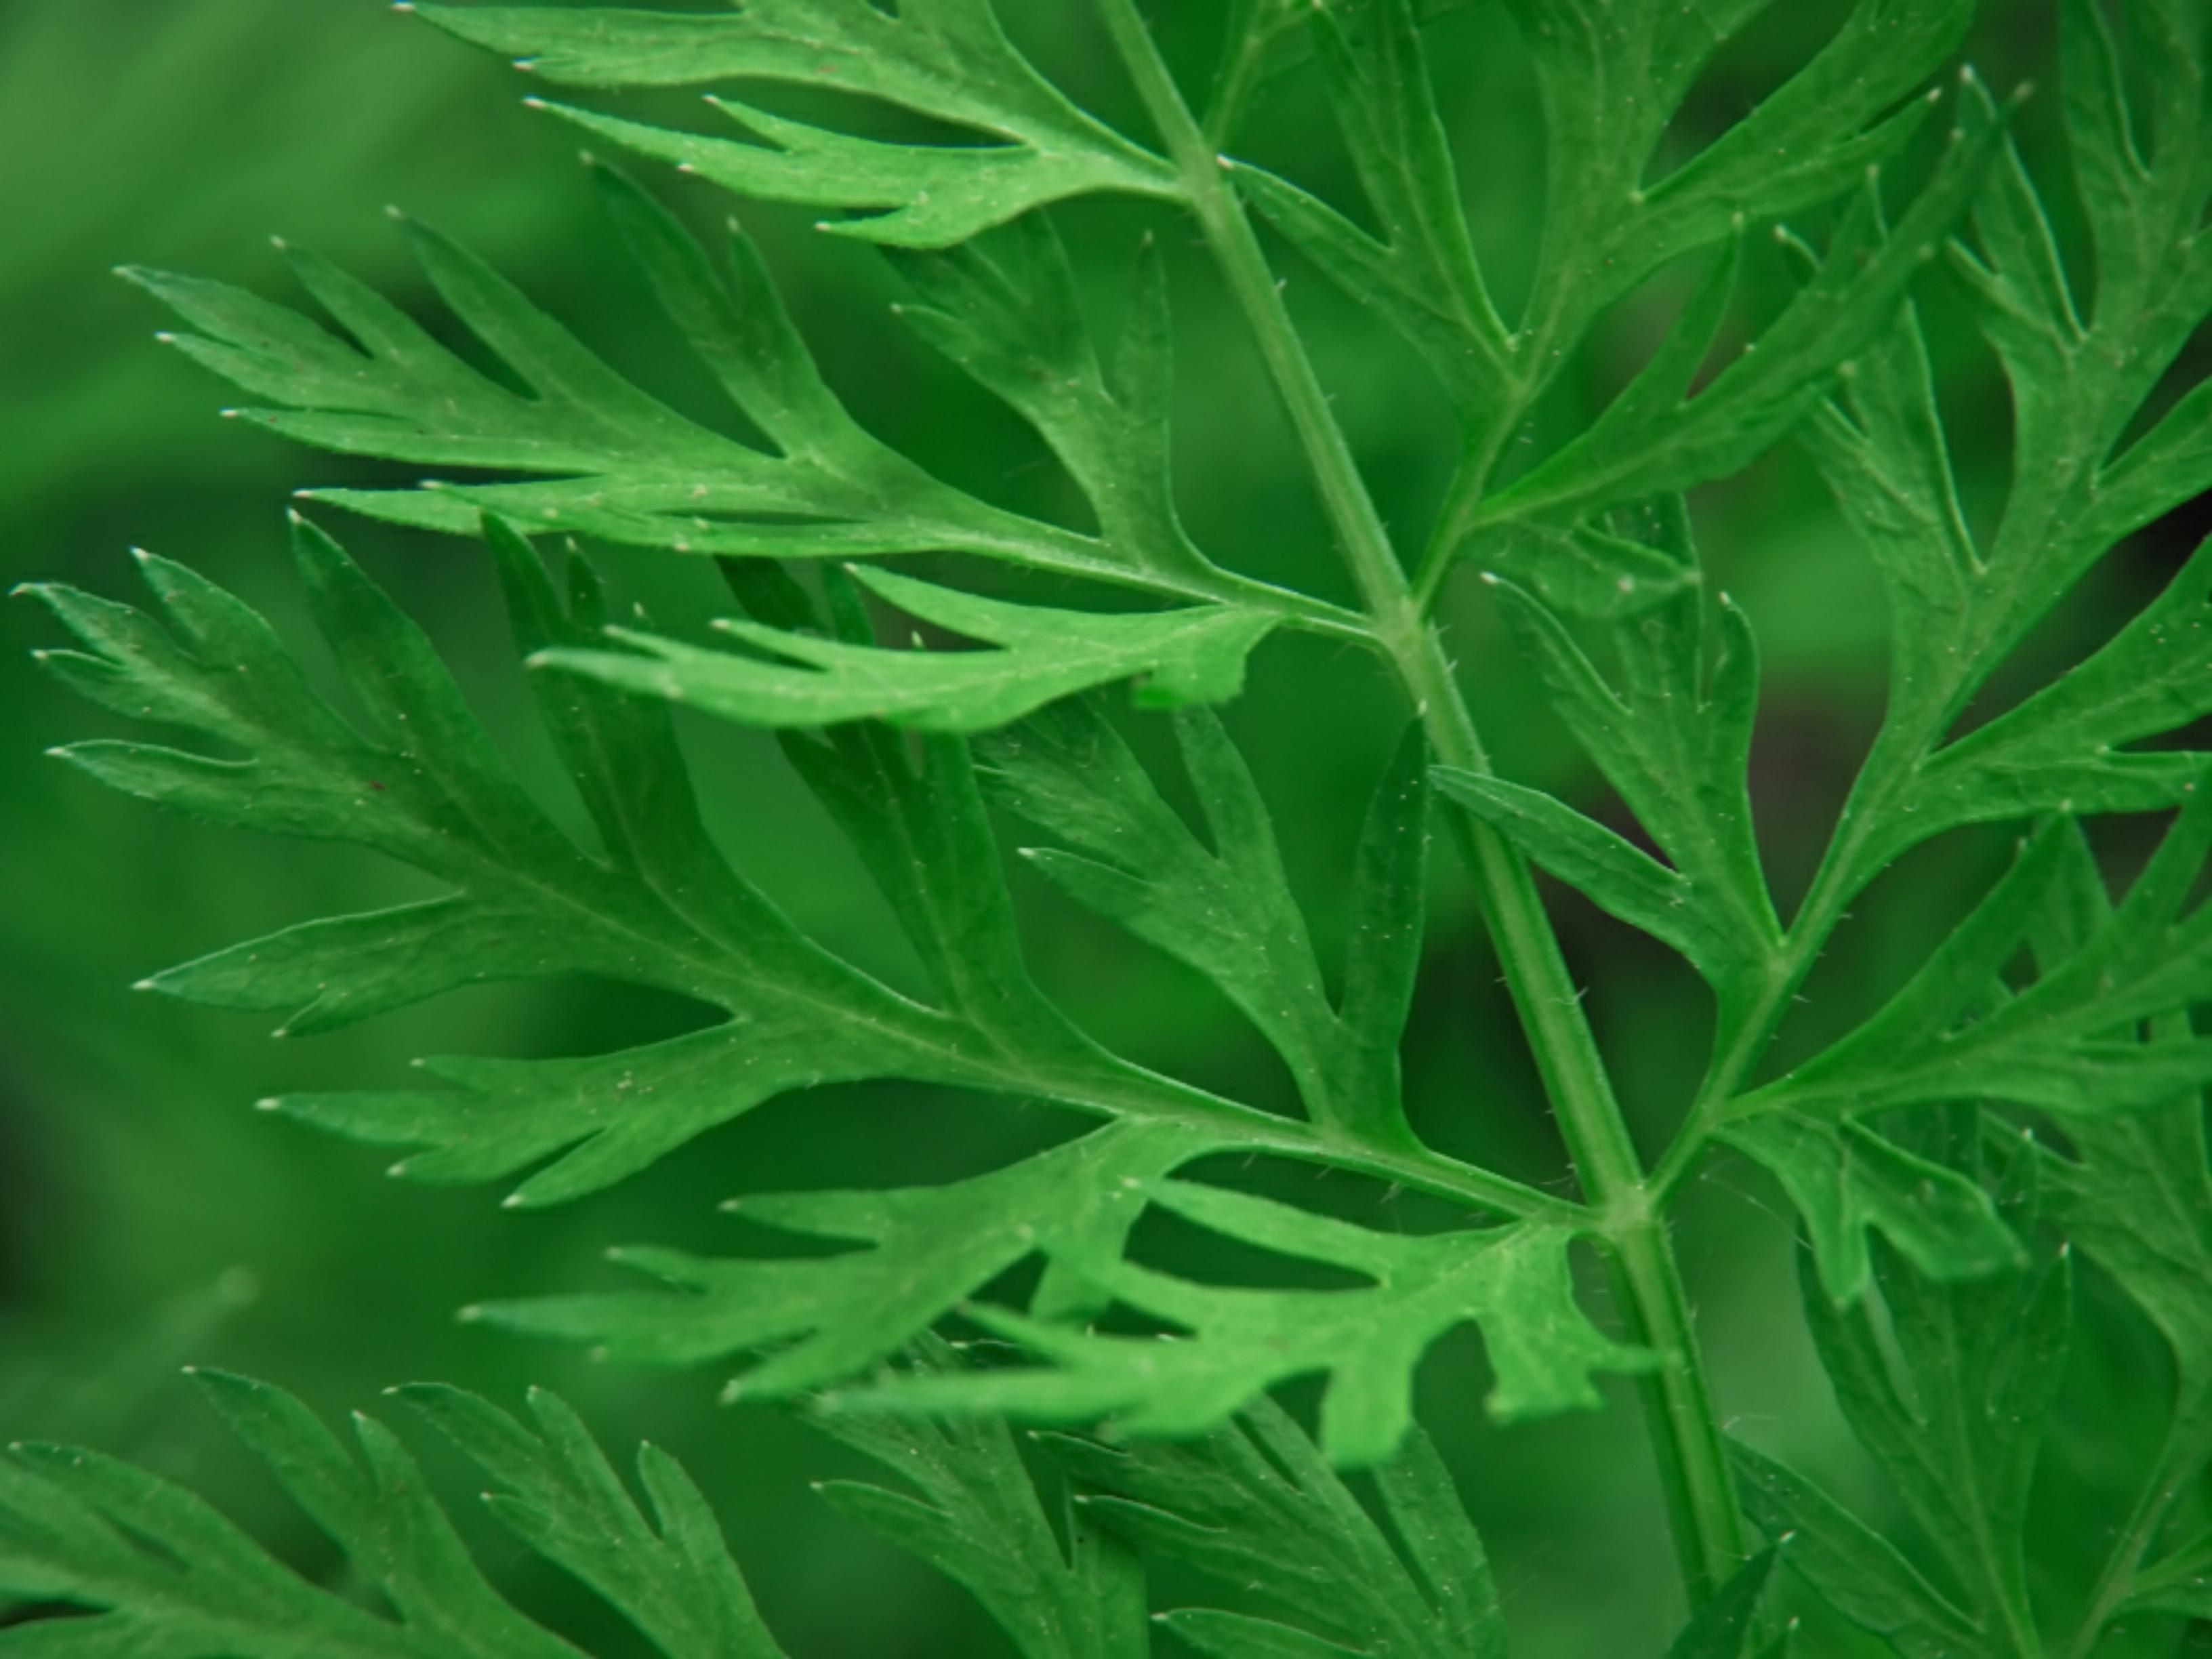 Unique texture of plant leaves